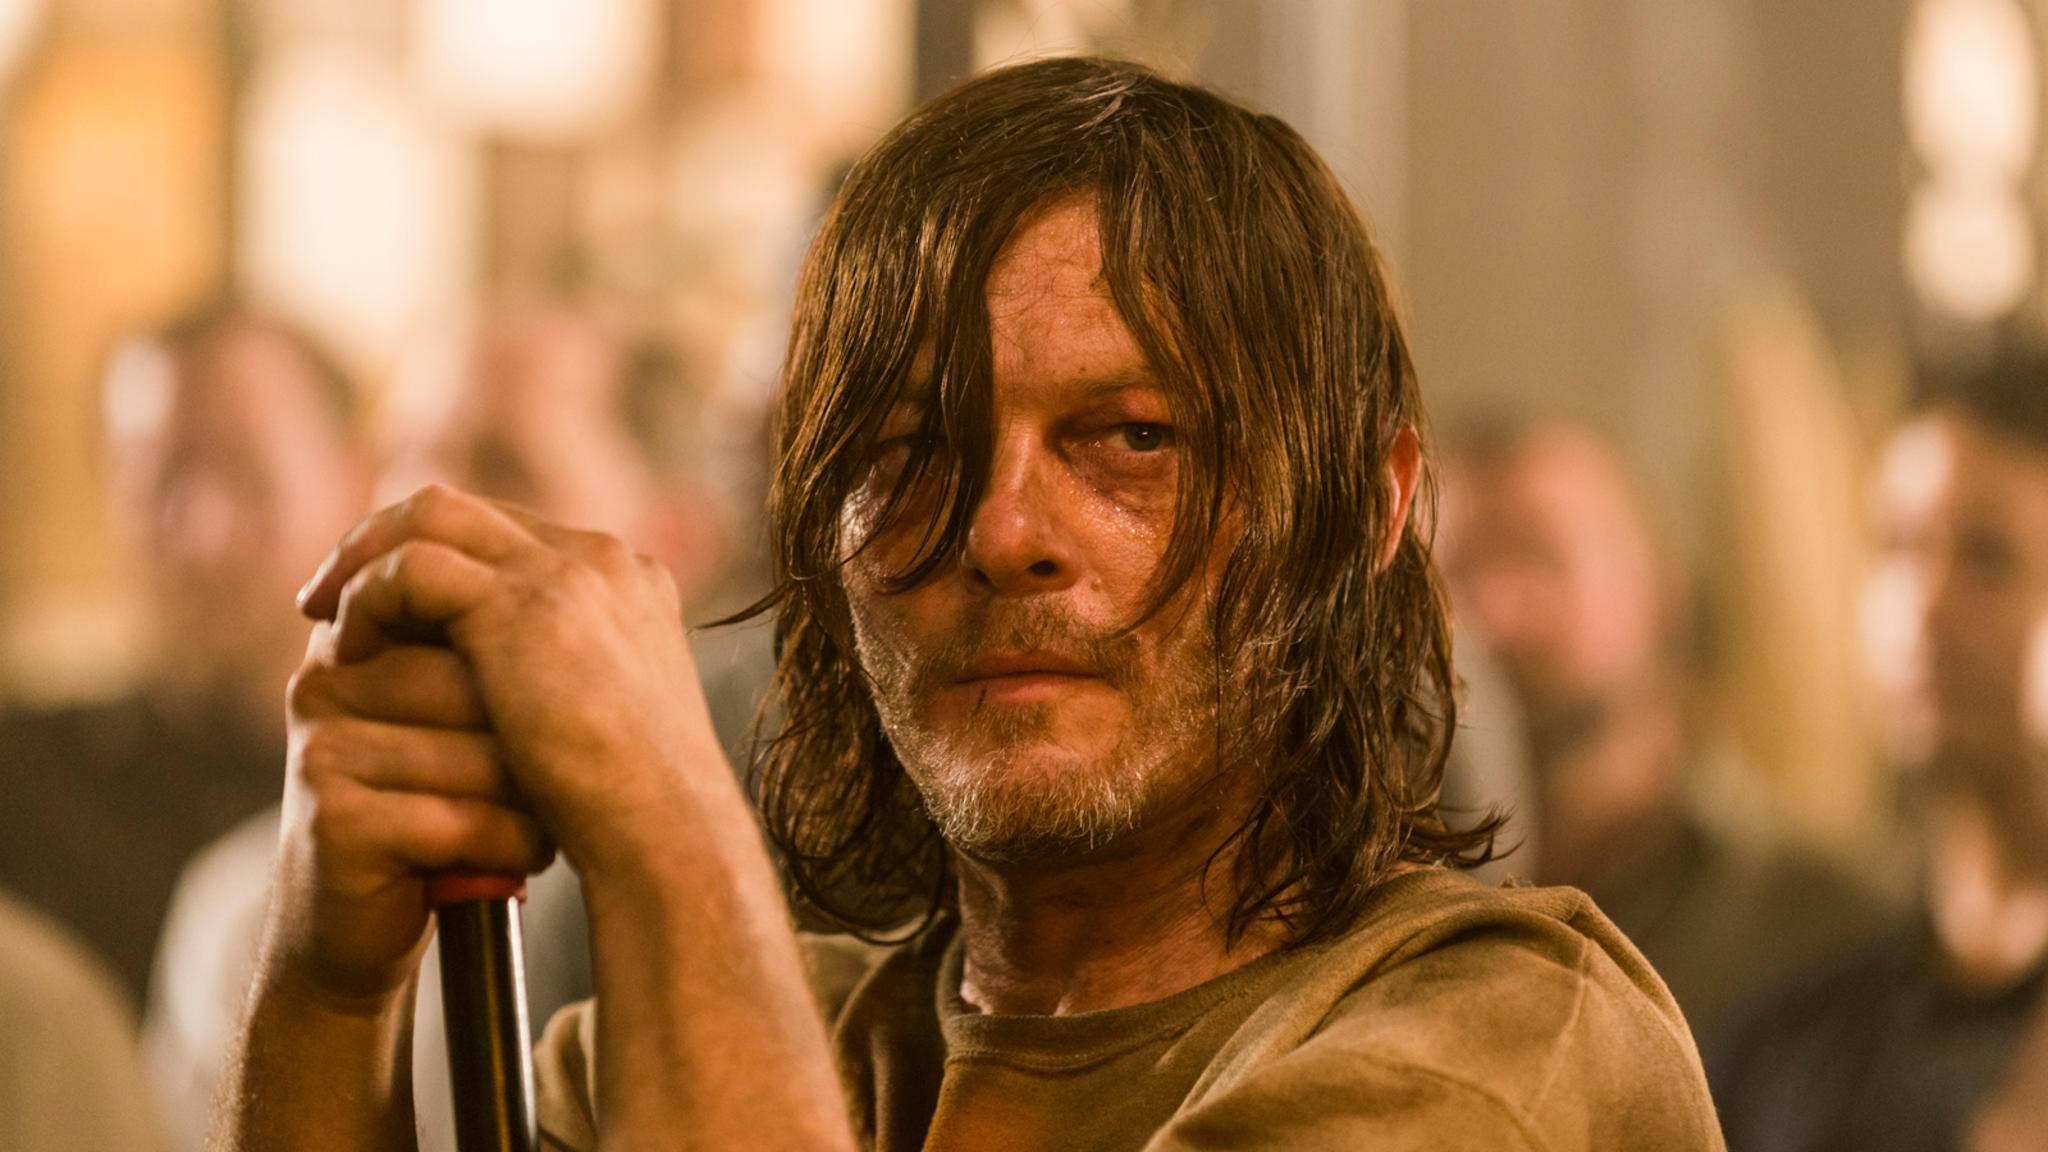 Daryl hätte ein ziemlicher unsympathischer Geselle werden sollen.